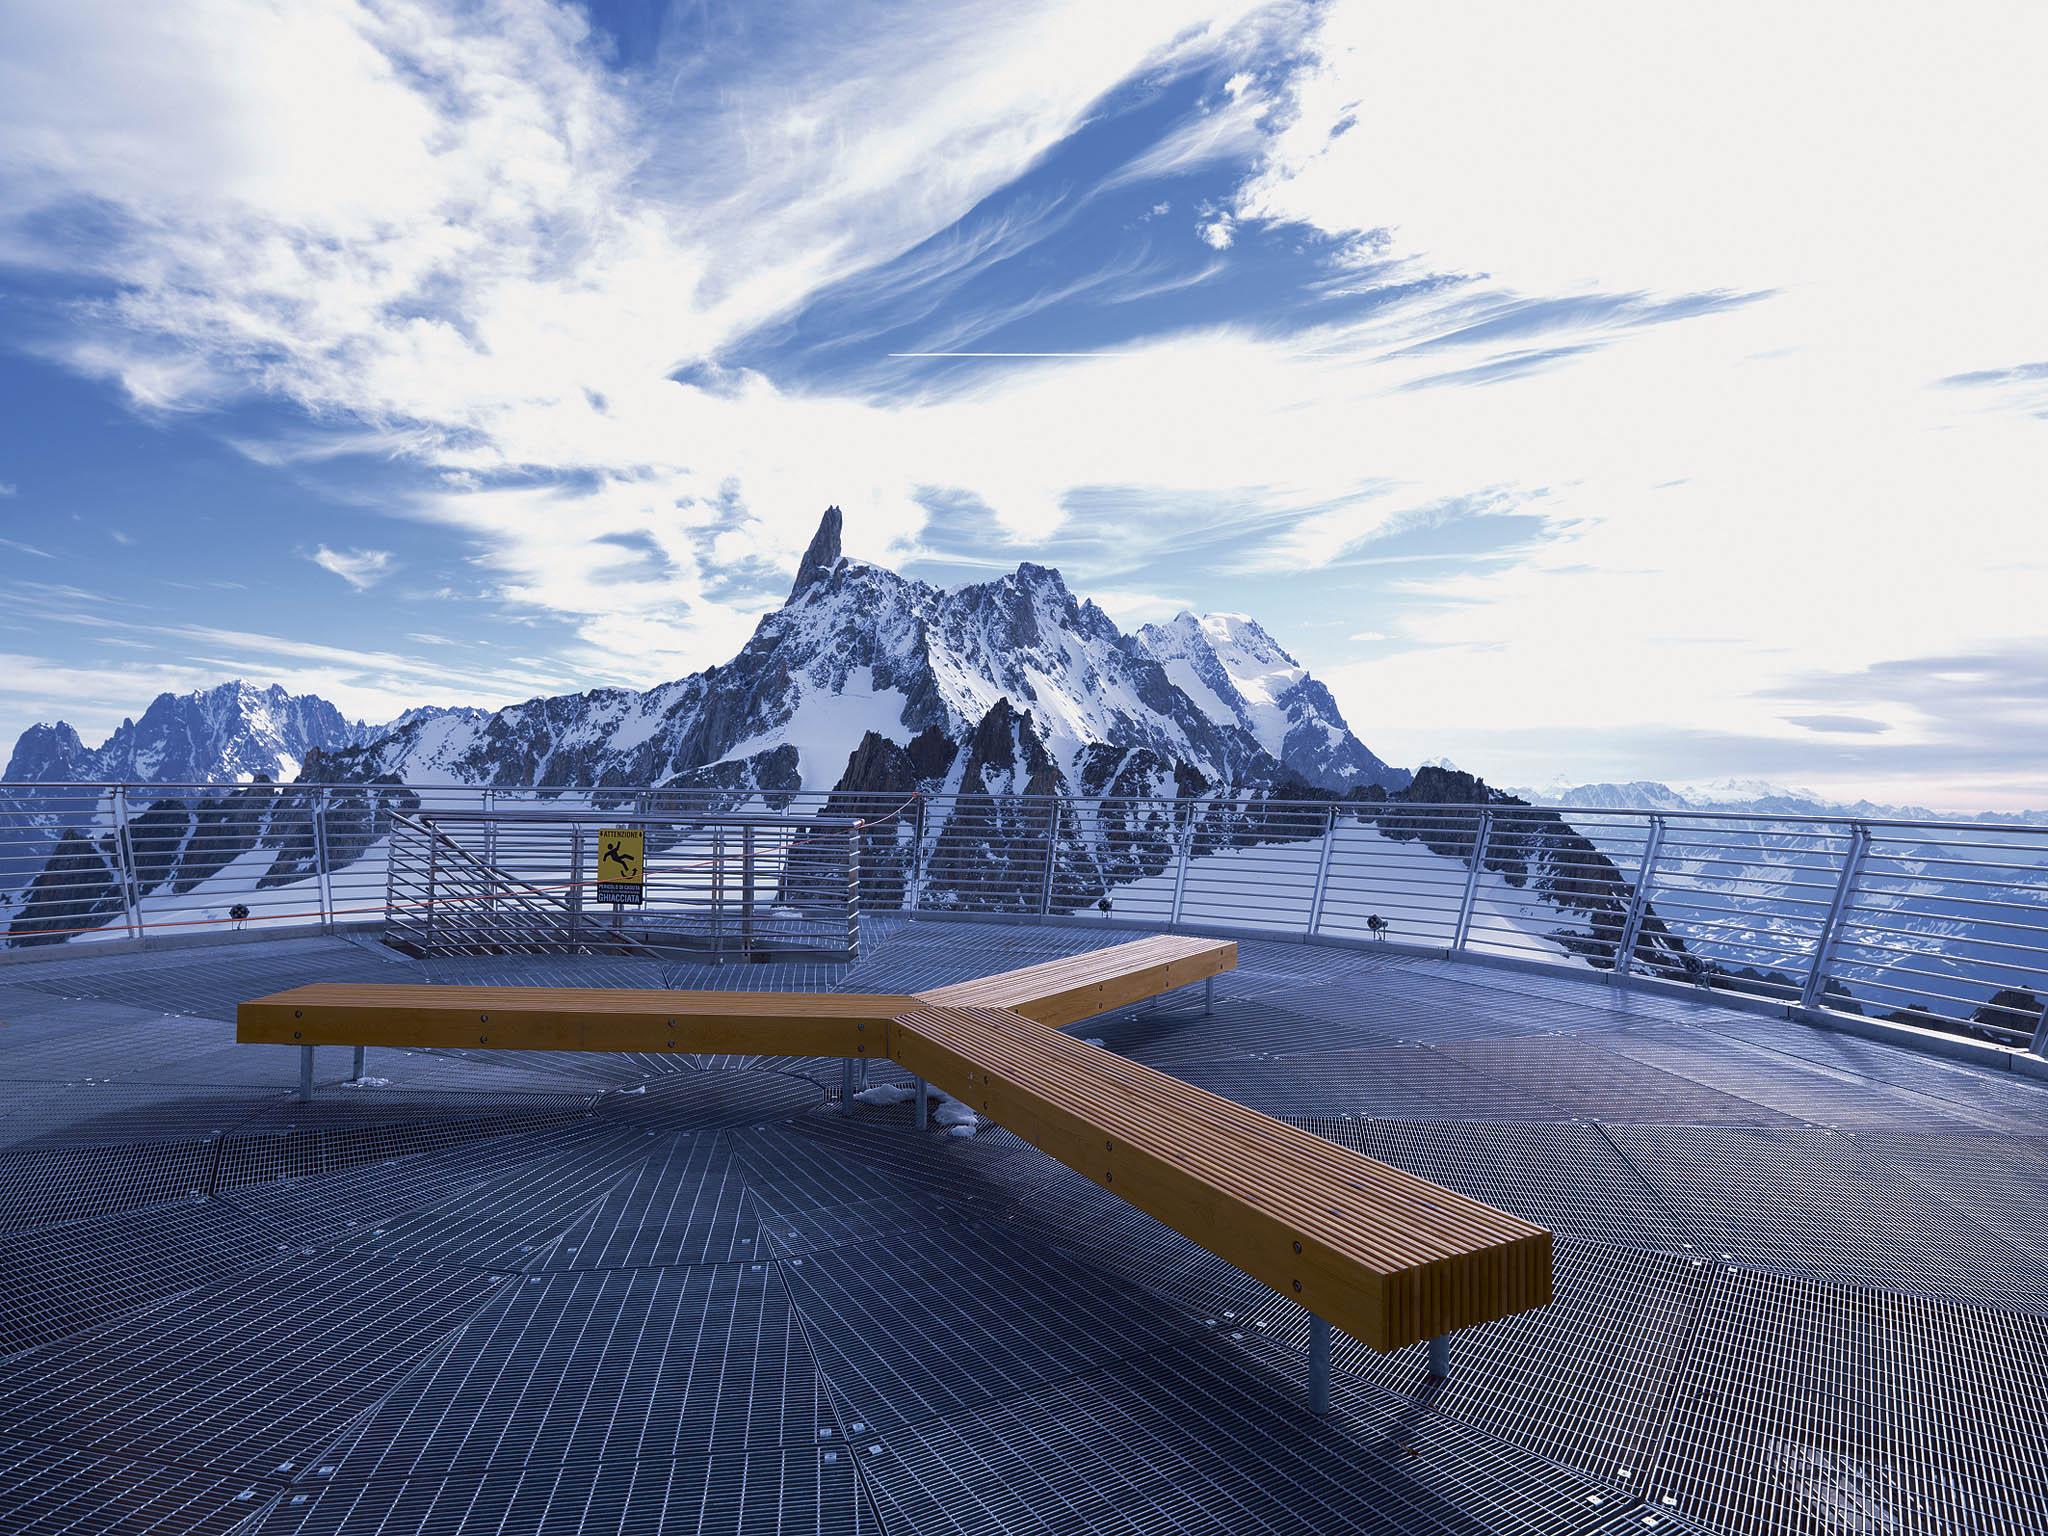 Lavička firmy mmcité stojí také navrcholu Punta Helbronner poblíž Mont Blancu.